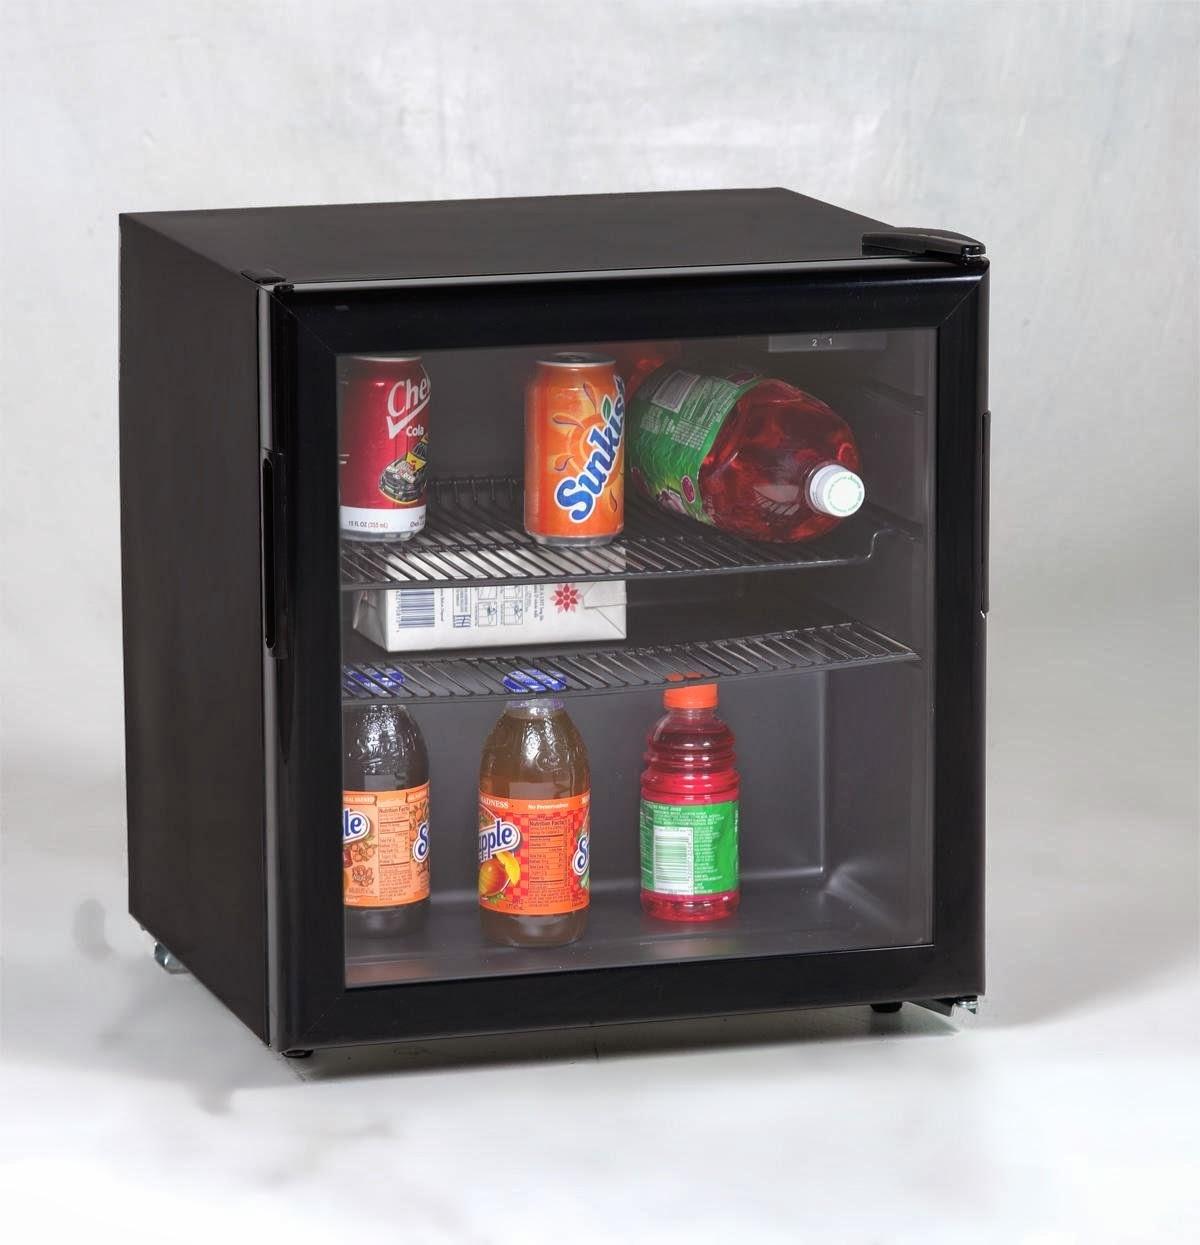 Glass door refrigerator online store glass door mini refrigerator planetlyrics Images